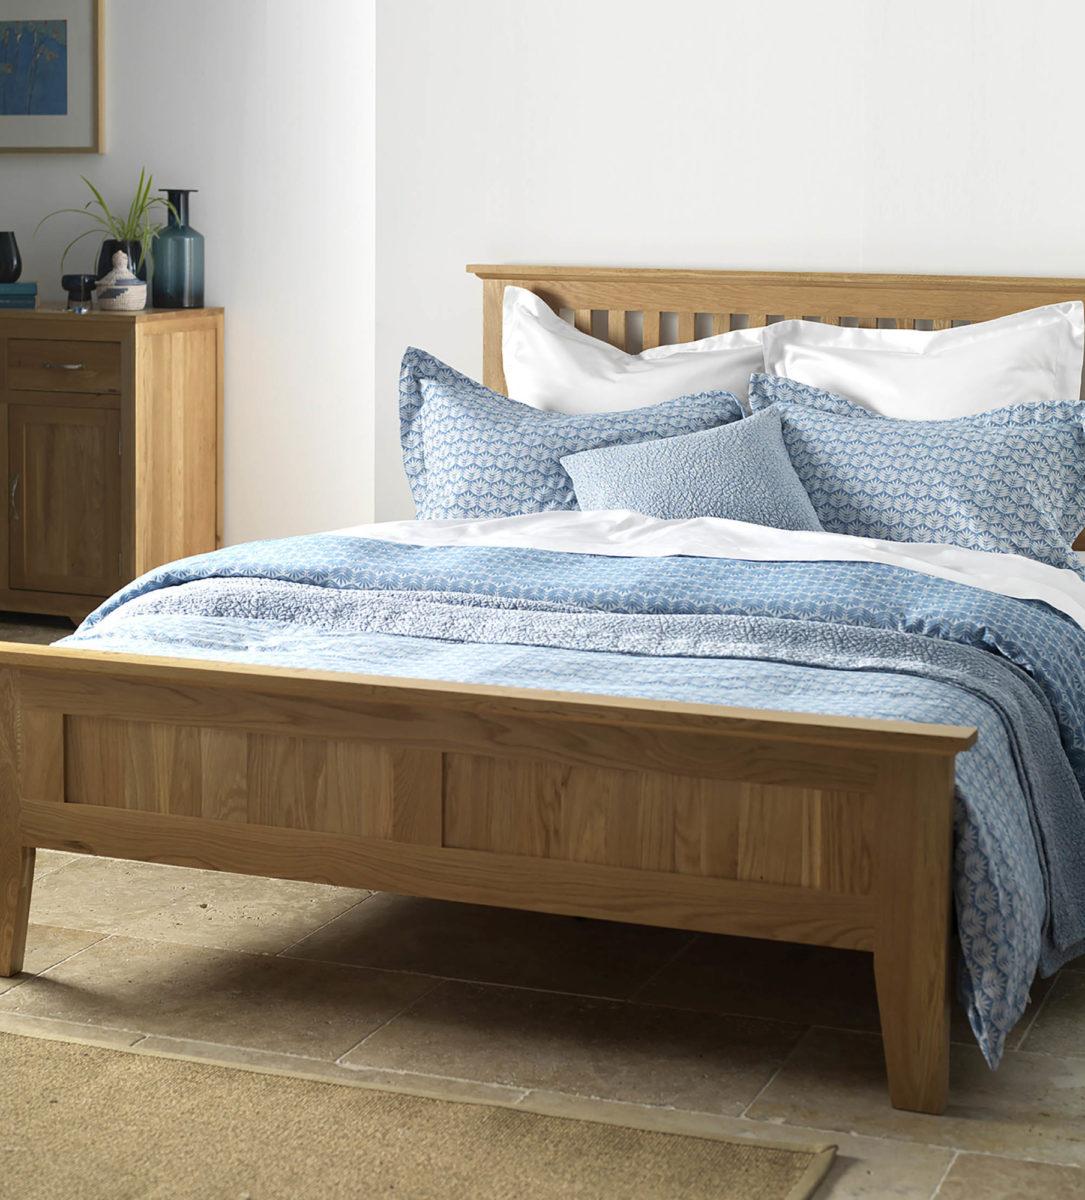 Leafy Turquoise Bed Linen - 100% Cotton | Secret Linen Store